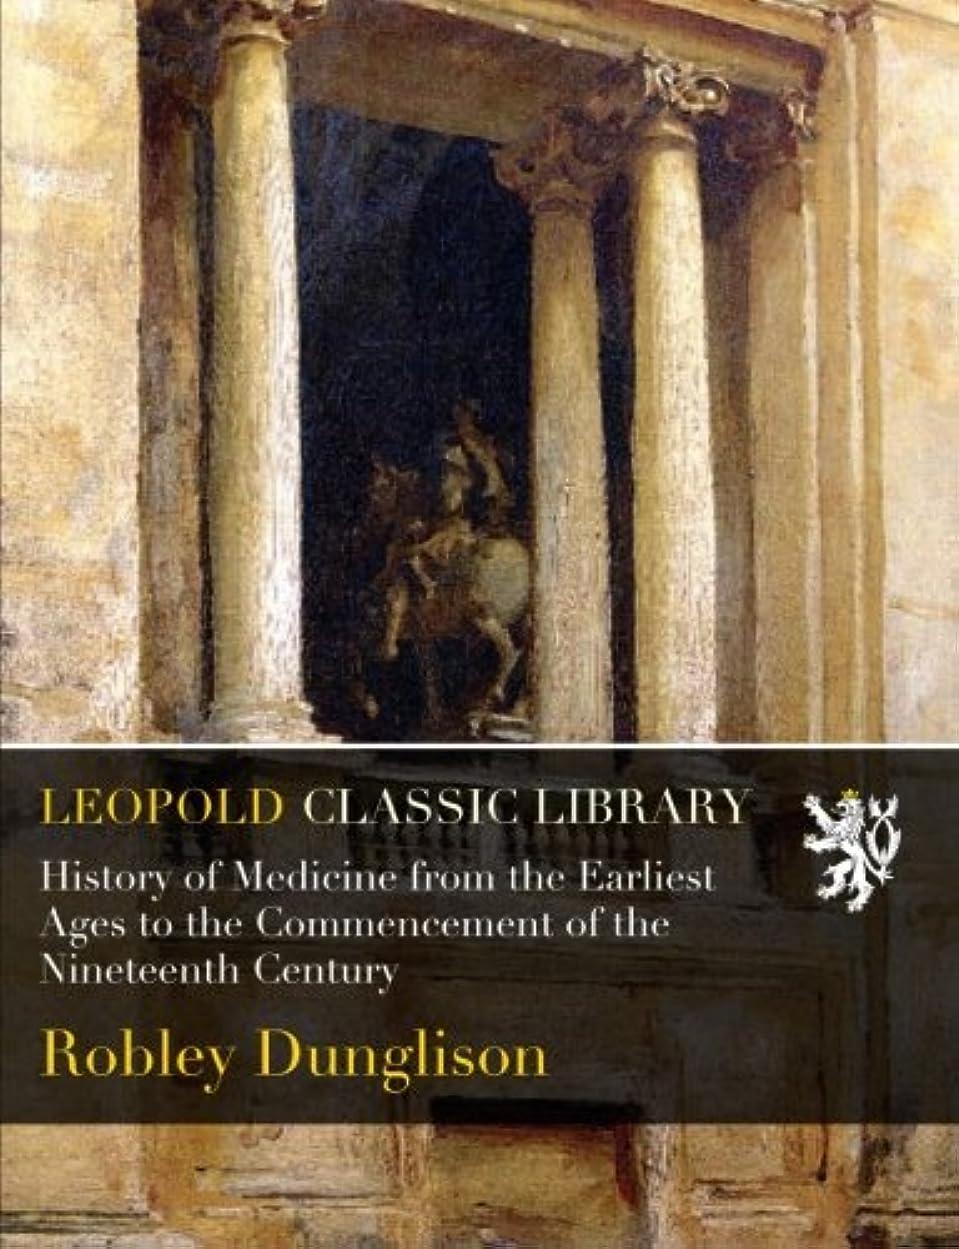 きらめき質量アンビエントHistory of Medicine from the Earliest Ages to the Commencement of the Nineteenth Century